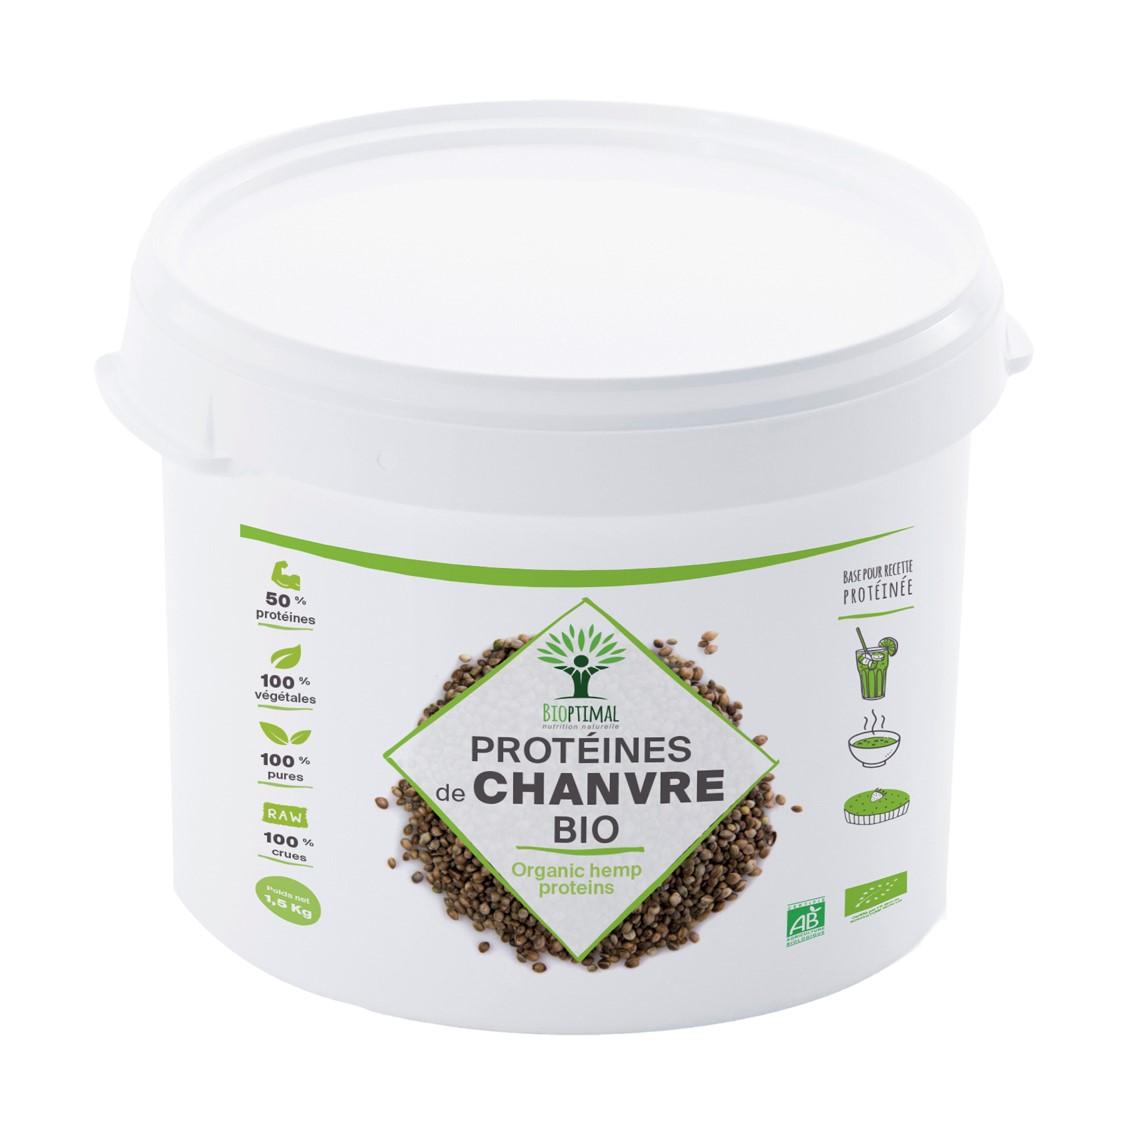 Bioptimal - Protéine de Chanvre Bio - 50% de Protéines Oméga 3 Fibres -1,5kg